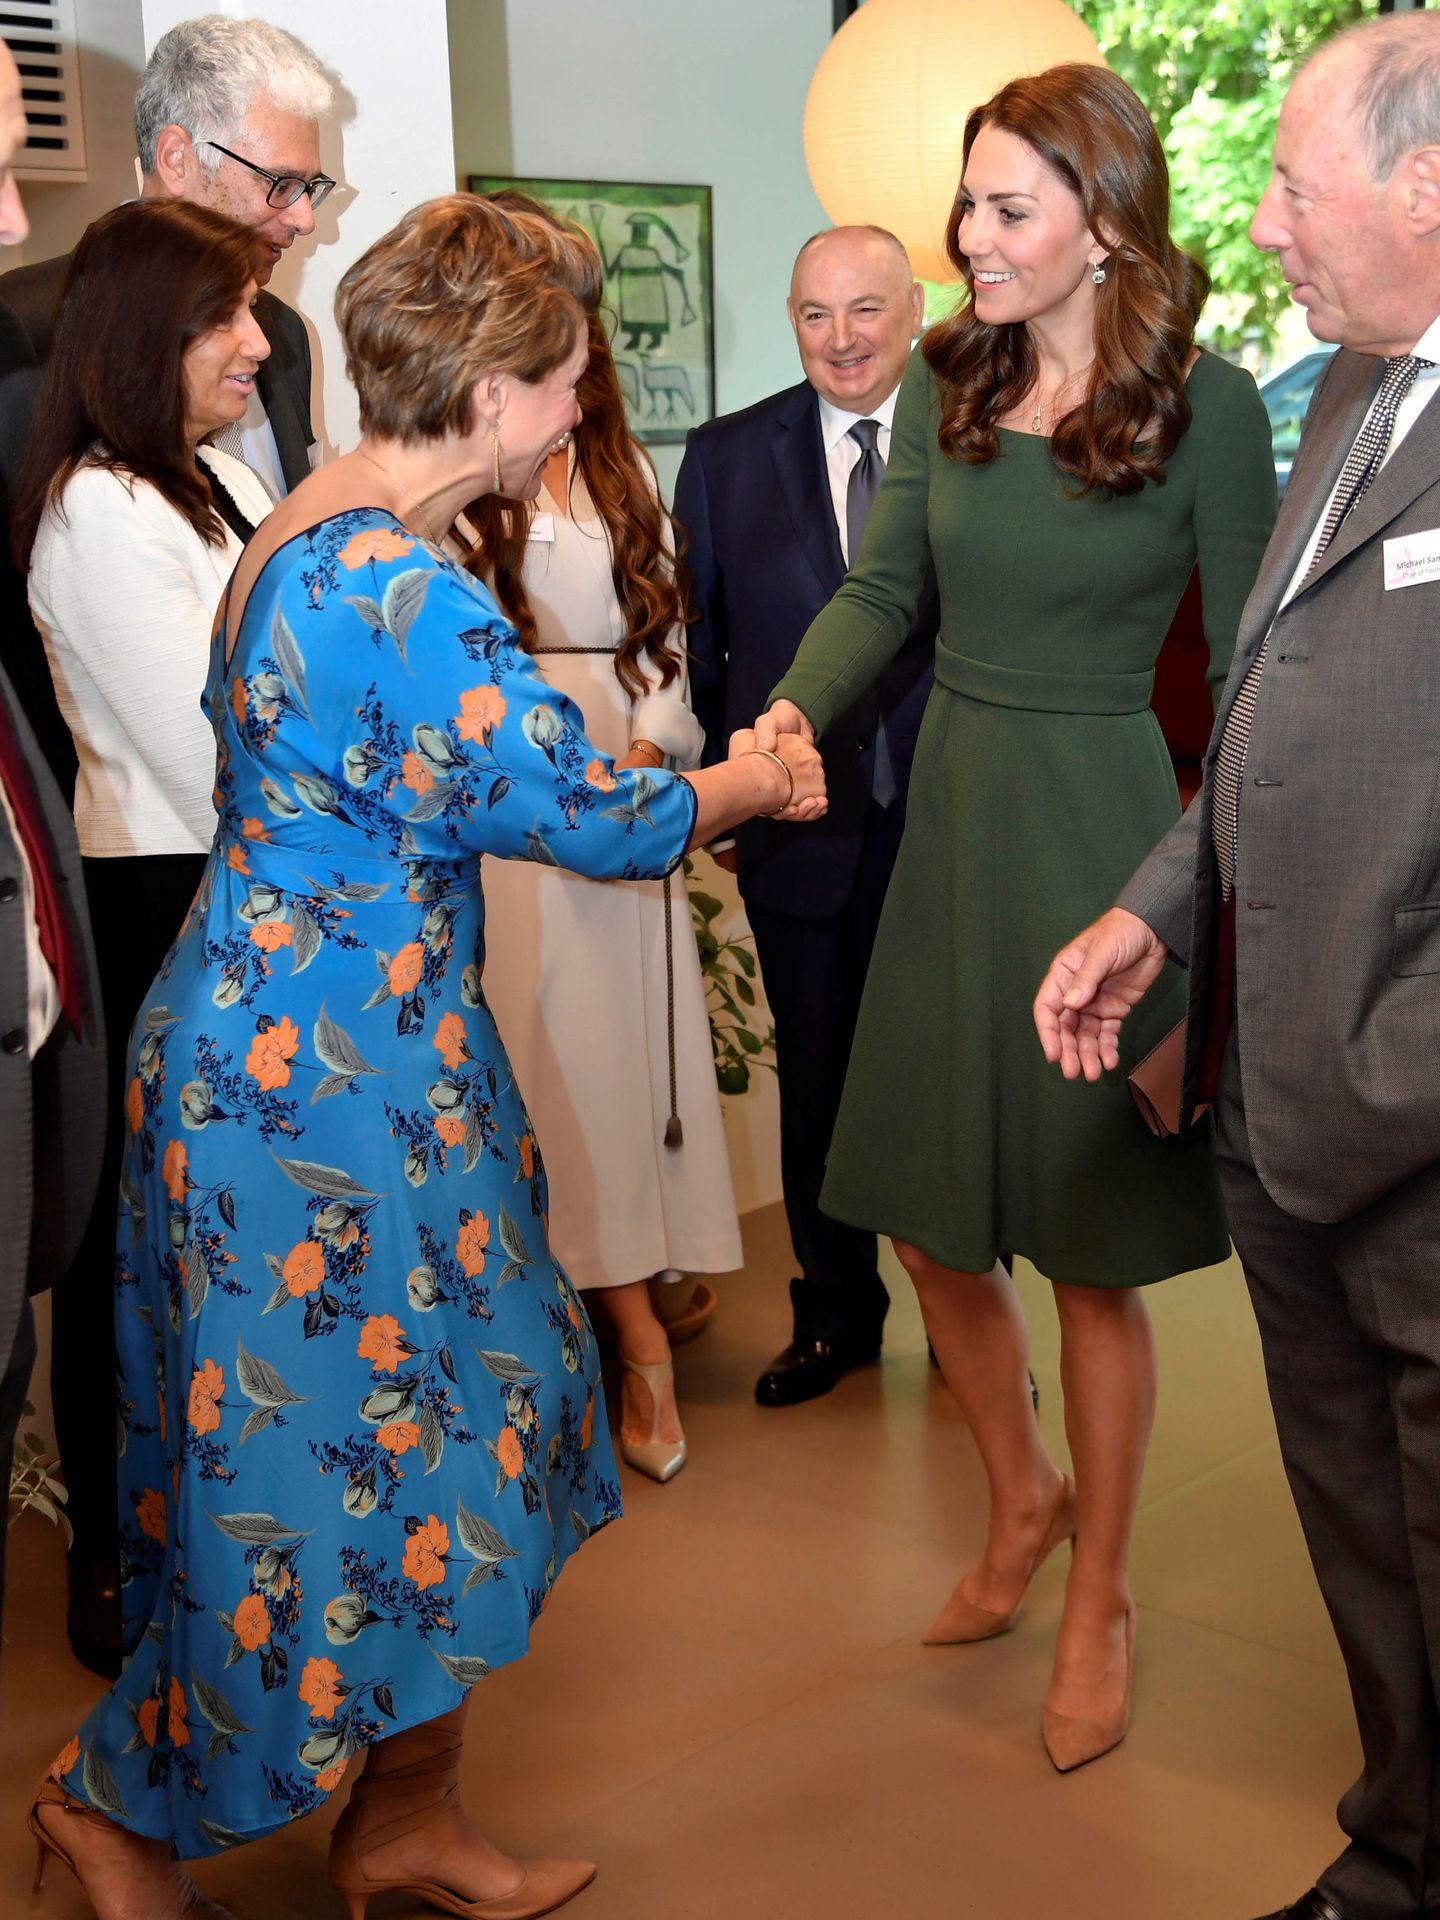 La duquesa saludando. (Reuters)